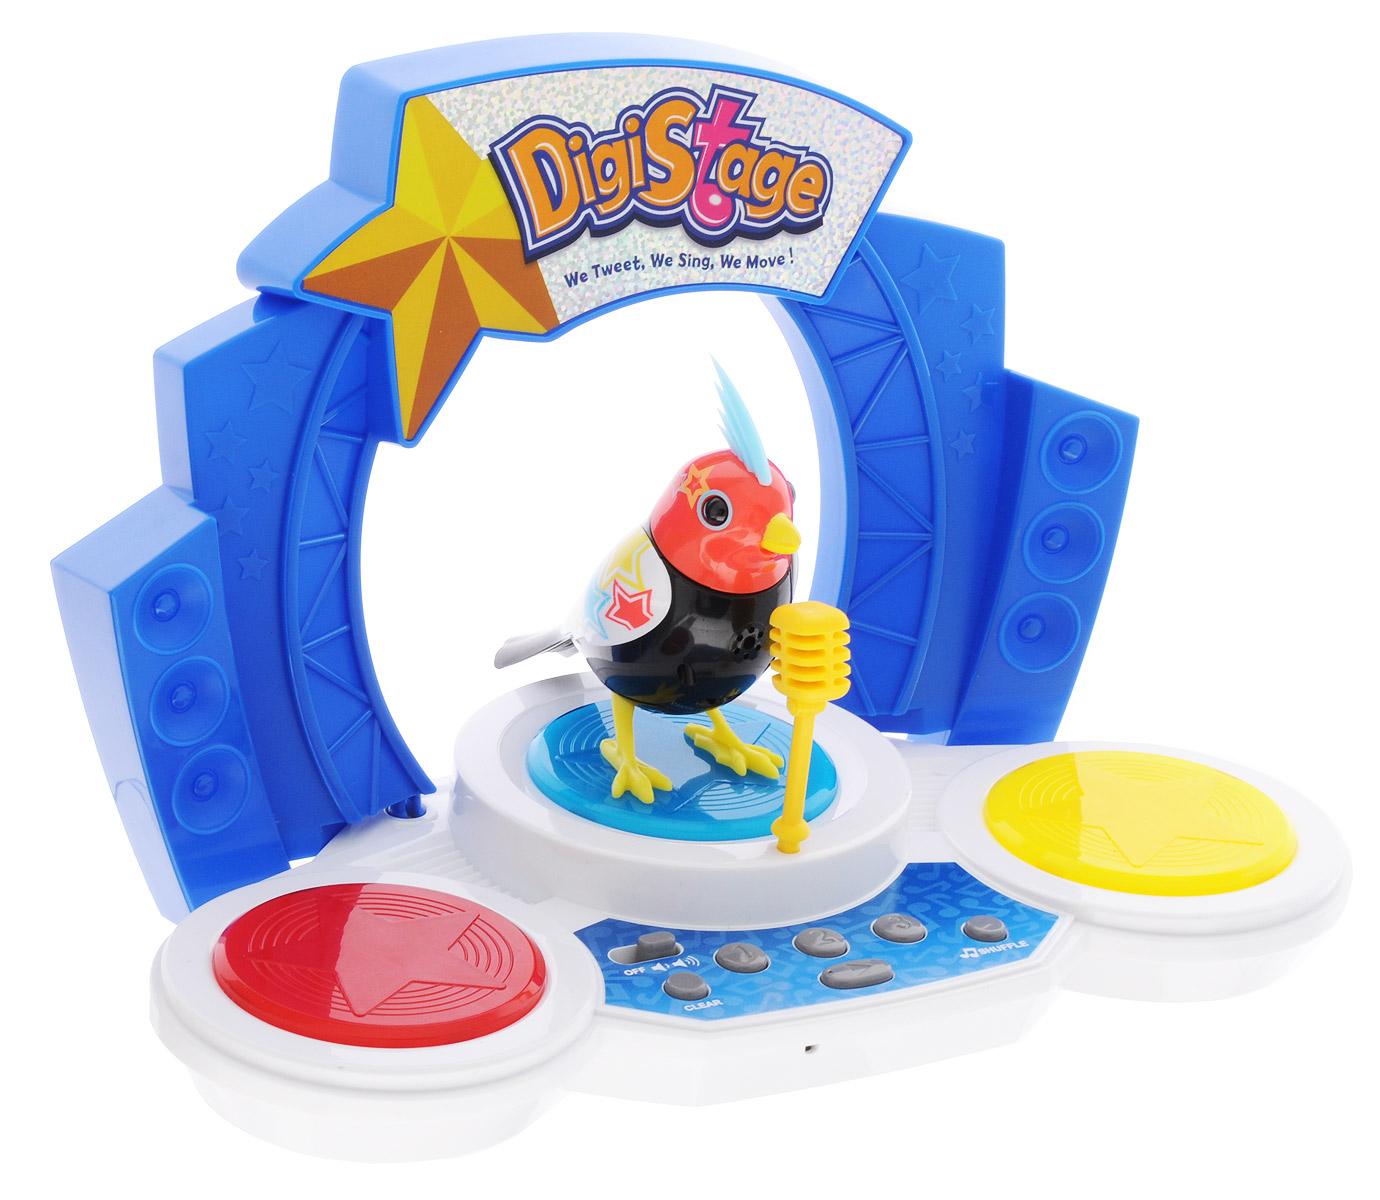 DigiFriends Интерактивная игрушка Птичка со сценой интерактивная игрушка digifriends аква крокодил в ассортименте